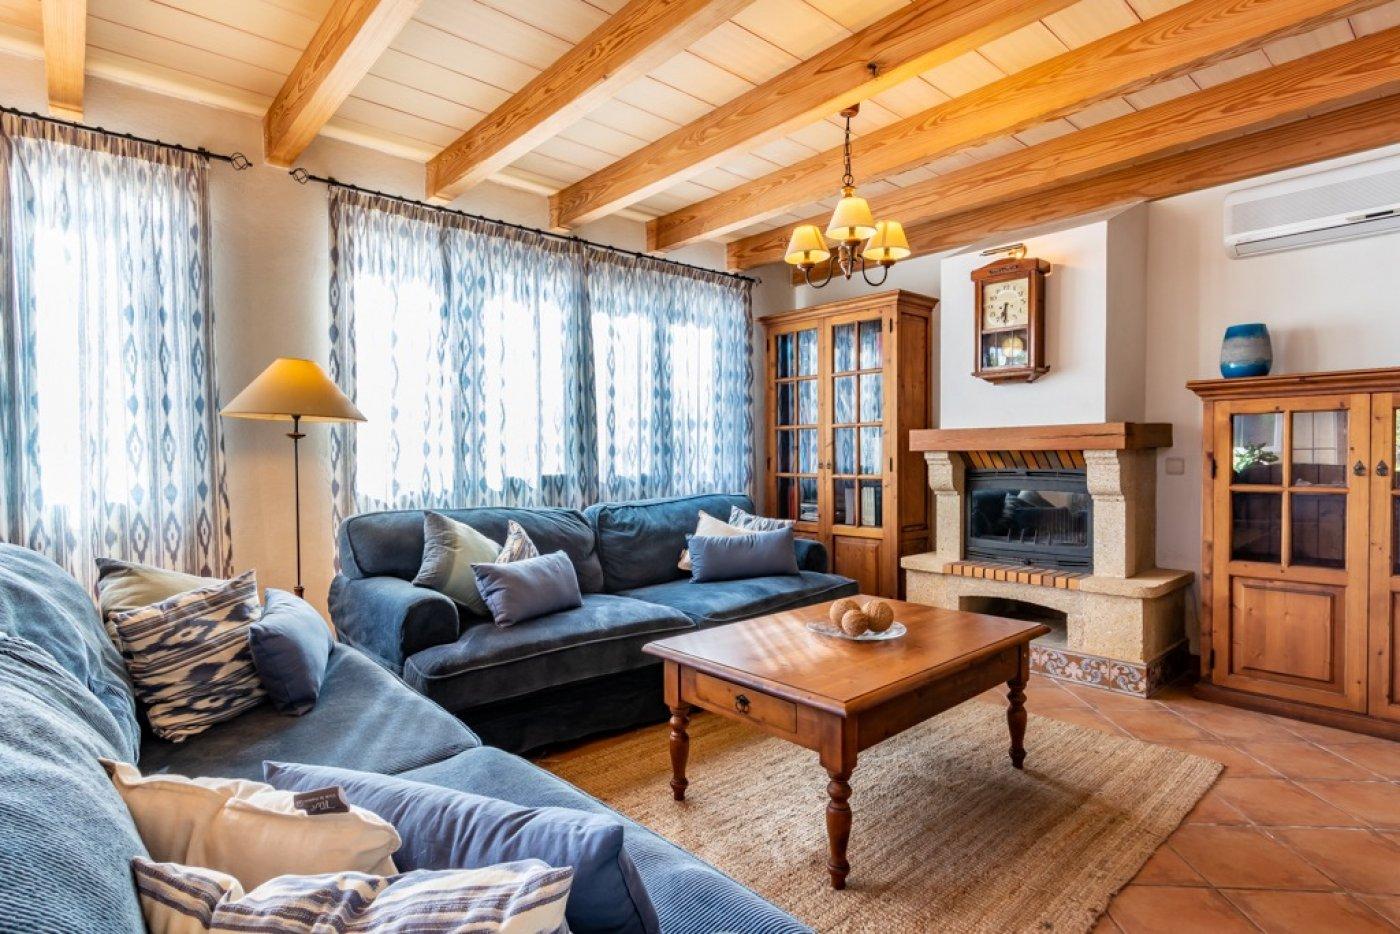 Magnifica villa en ses salines - can somni - ideal inversores turÍsticos - imagenInmueble15